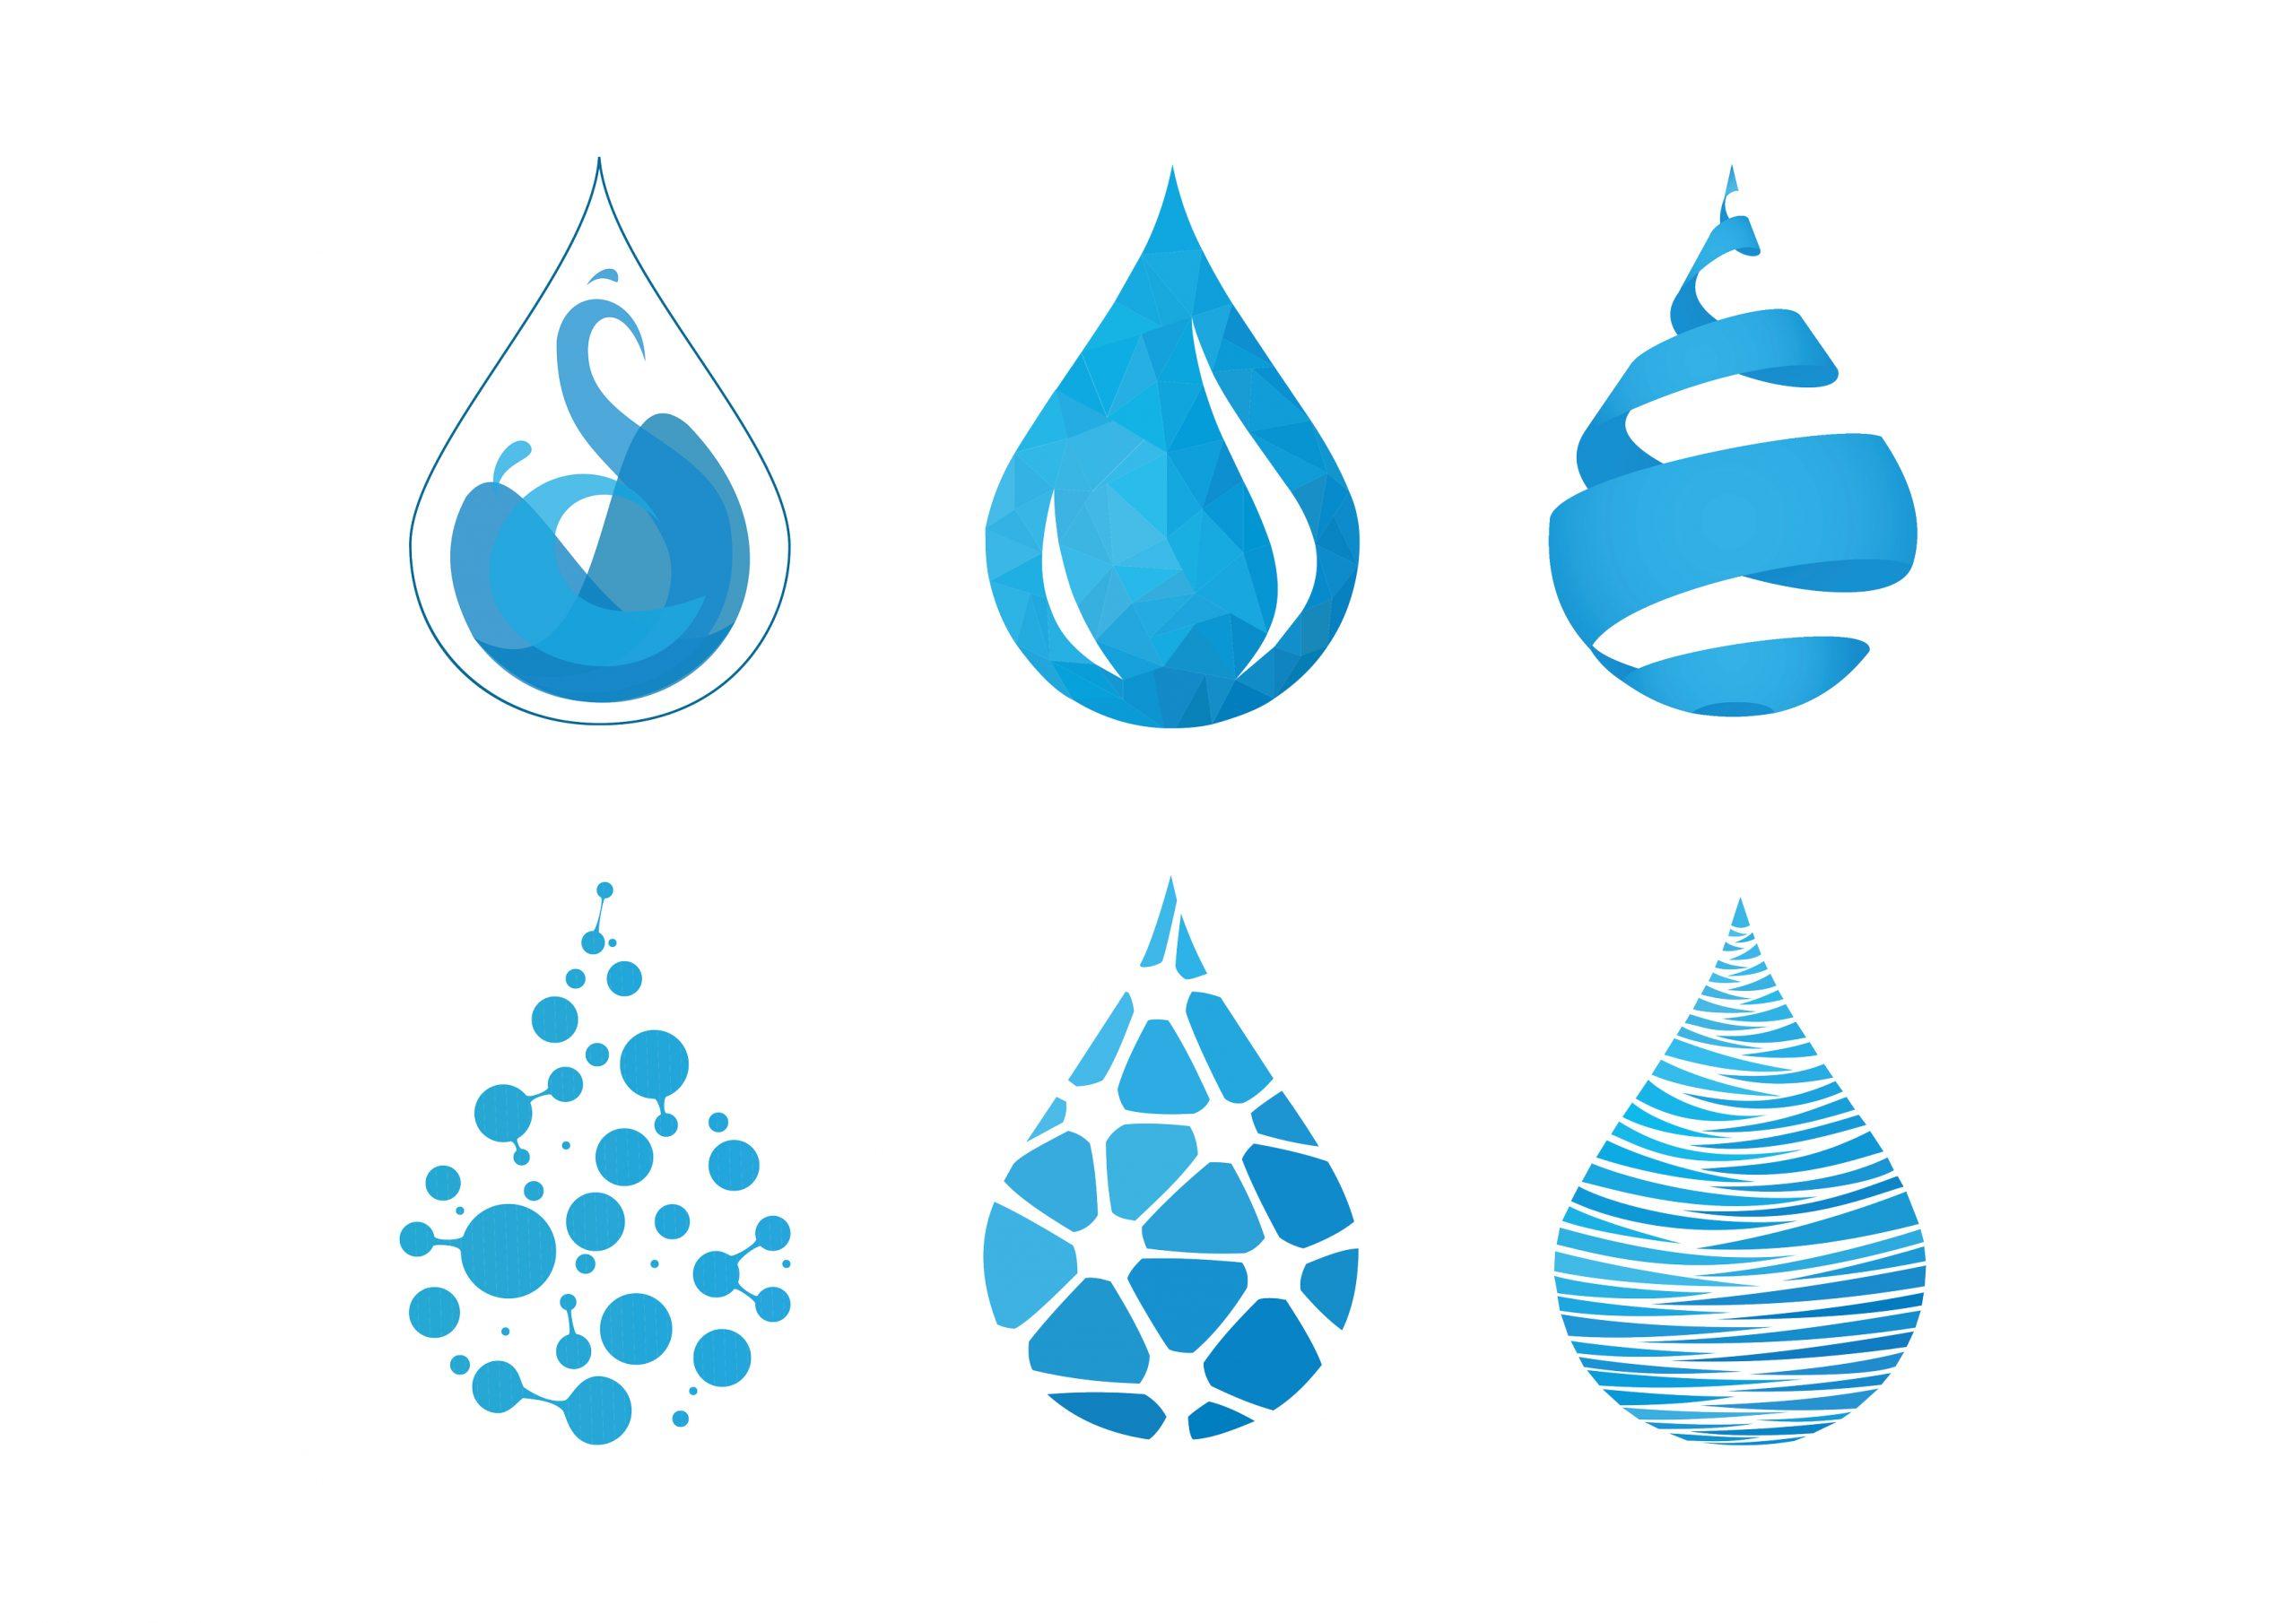 Unser Wasser ist nicht immer gleich Wasser. Verschiedene Wasserarten und Zusammensetzung ebnen den Weg für vielfältige An- / und Verwendungen